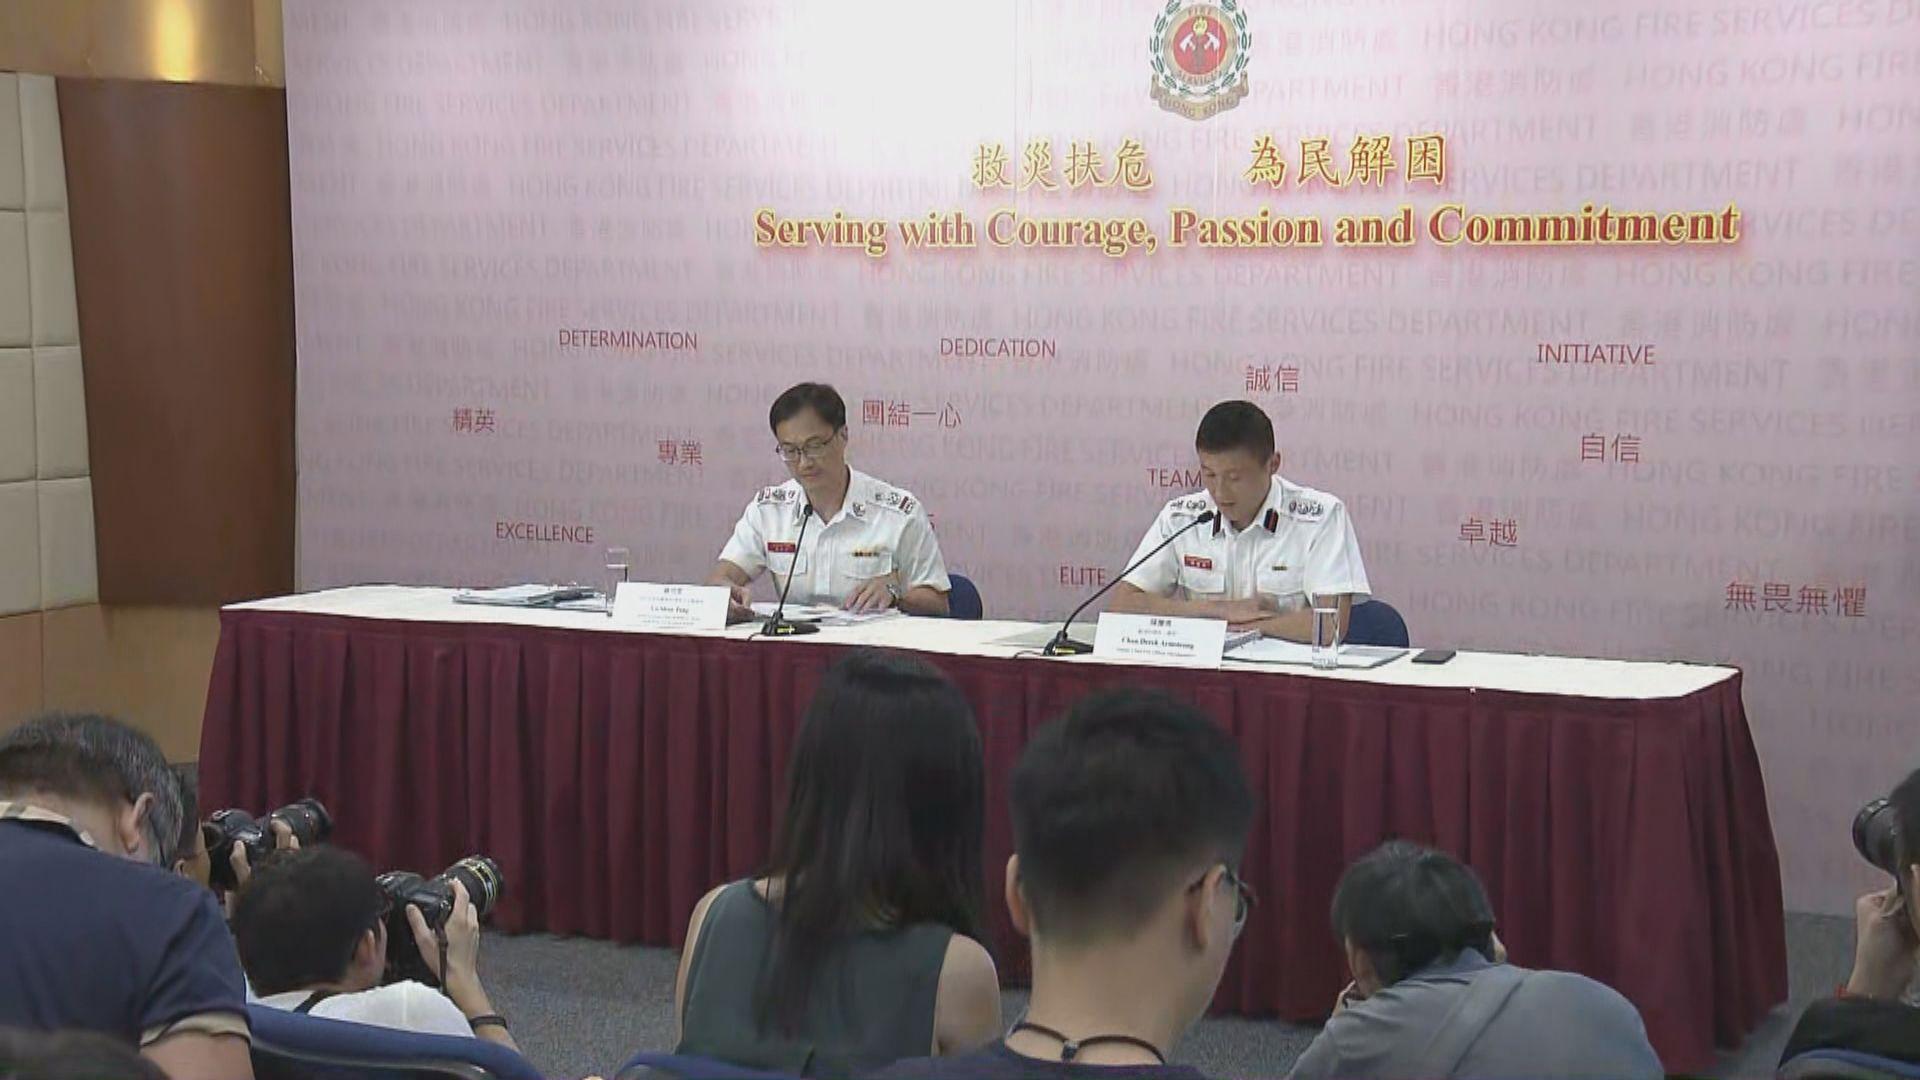 消防處紀律調查831太子站內部文件洩漏